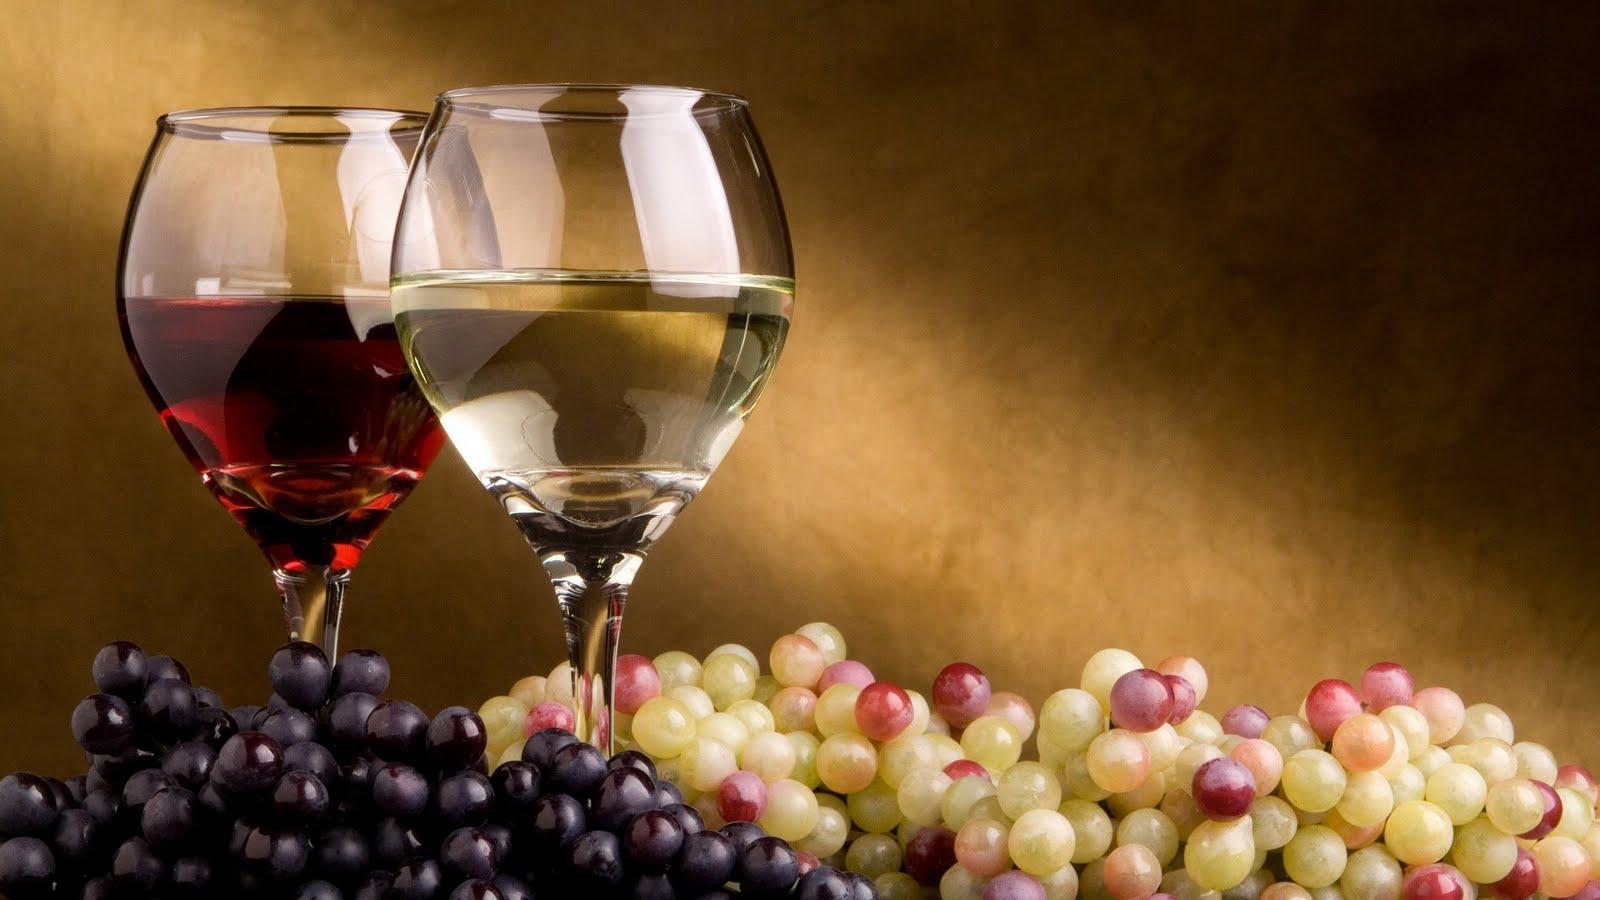 degustazione vini hotel romantic